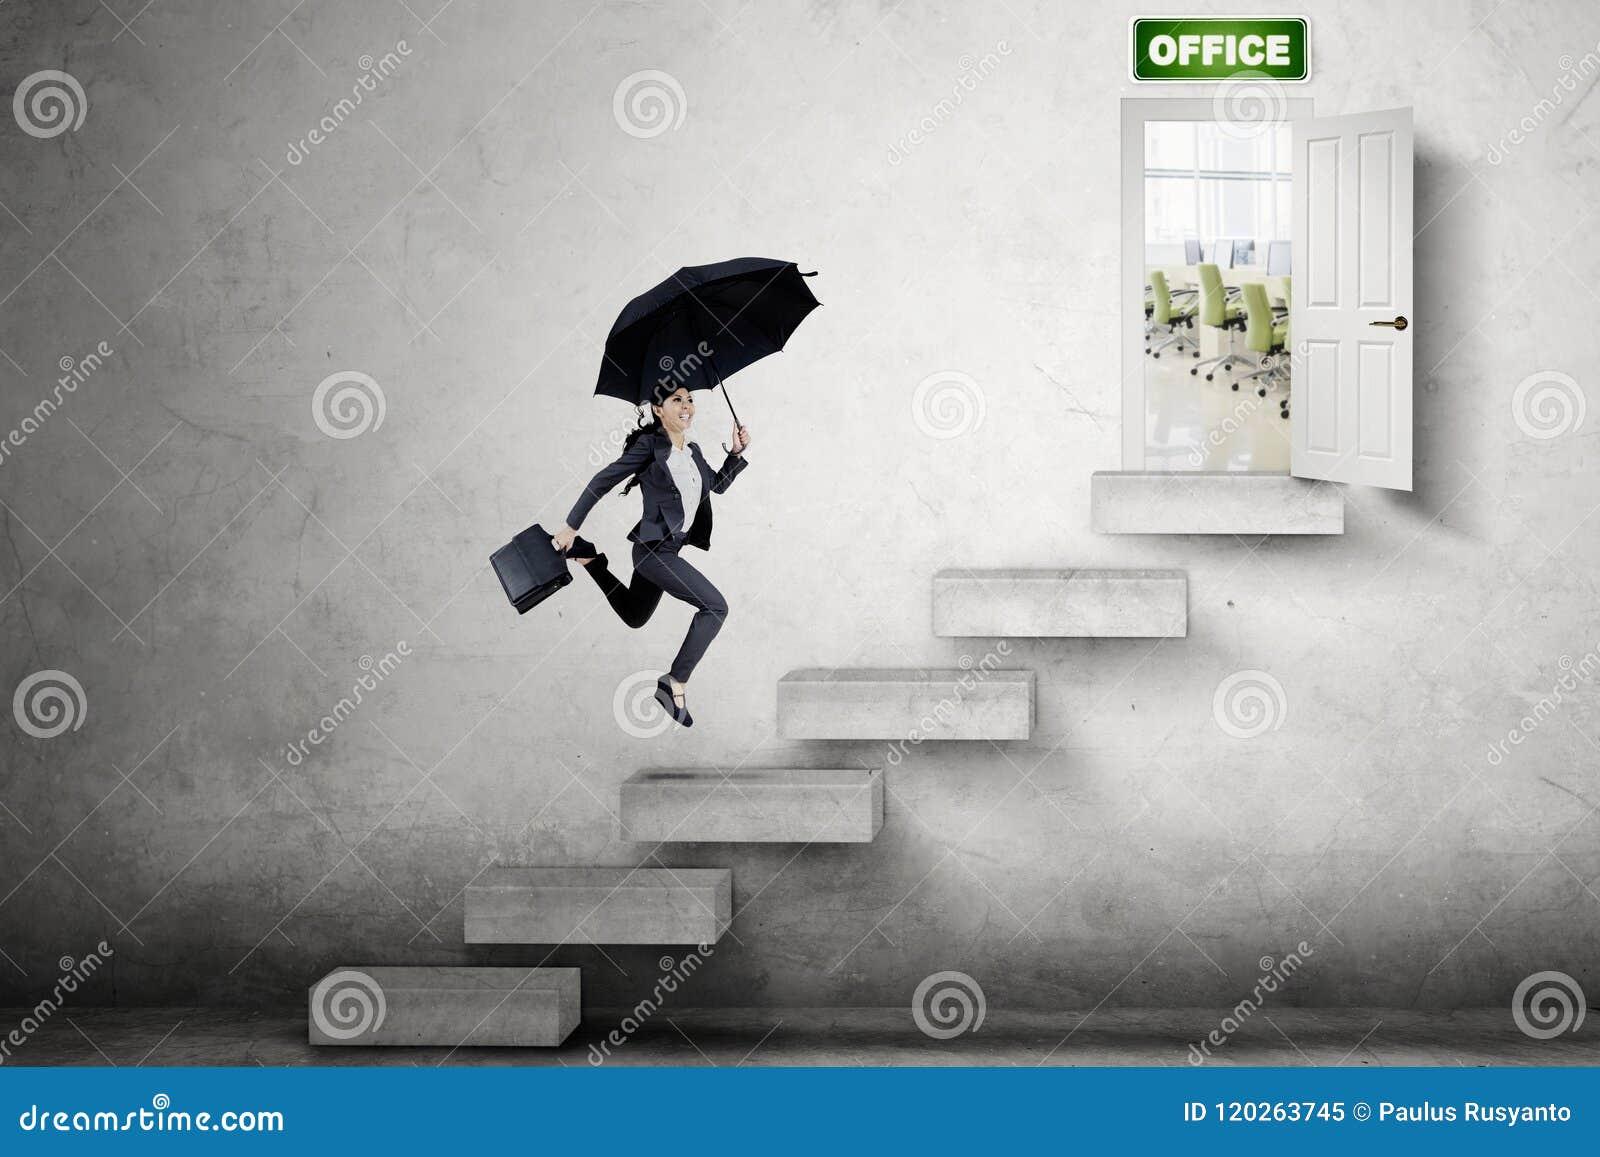 Asiatische Geschäftsfrau, die in Richtung zur Bürotür läuft